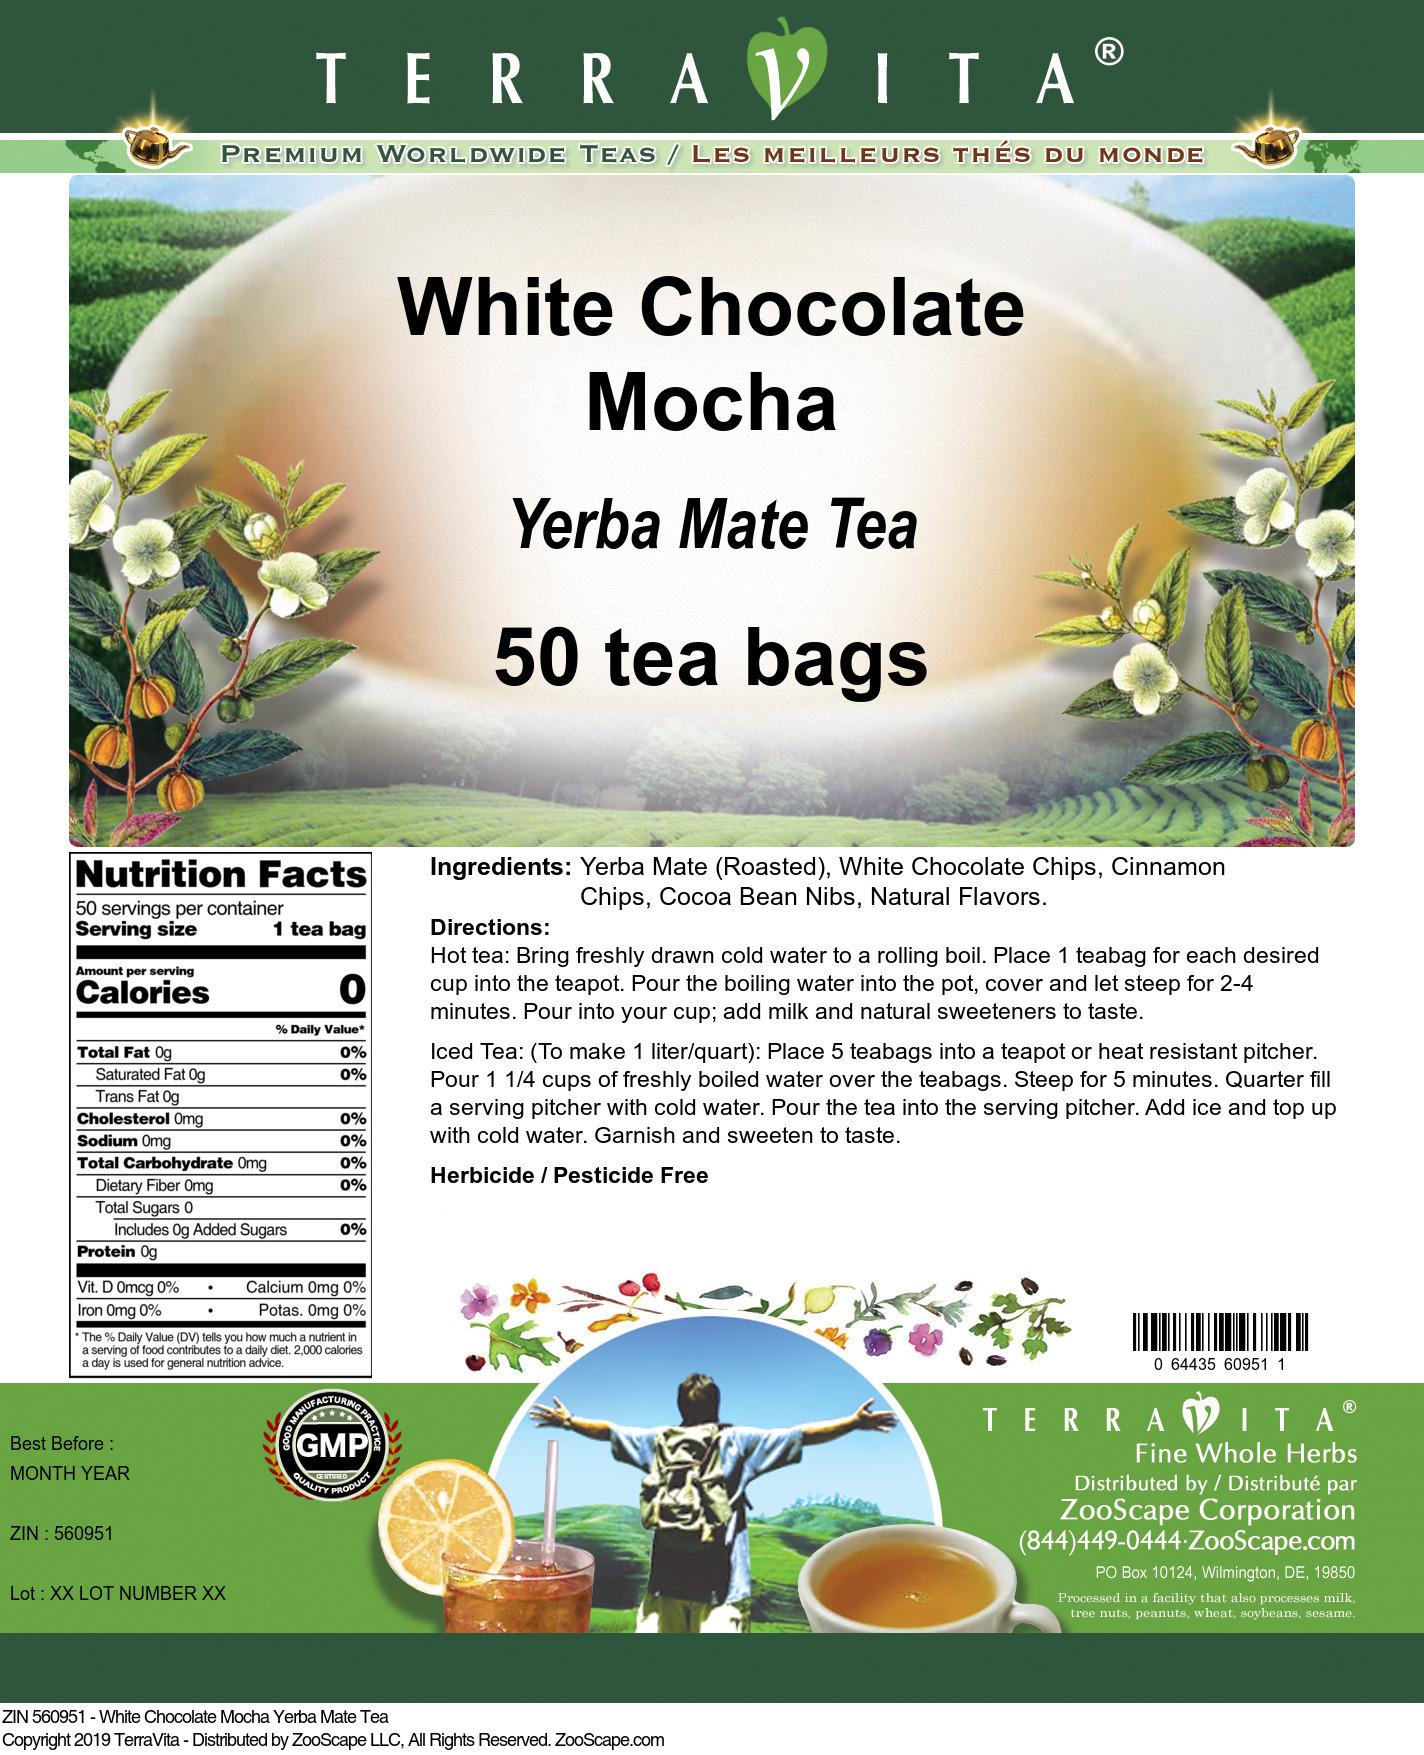 White Chocolate Mocha Yerba Mate